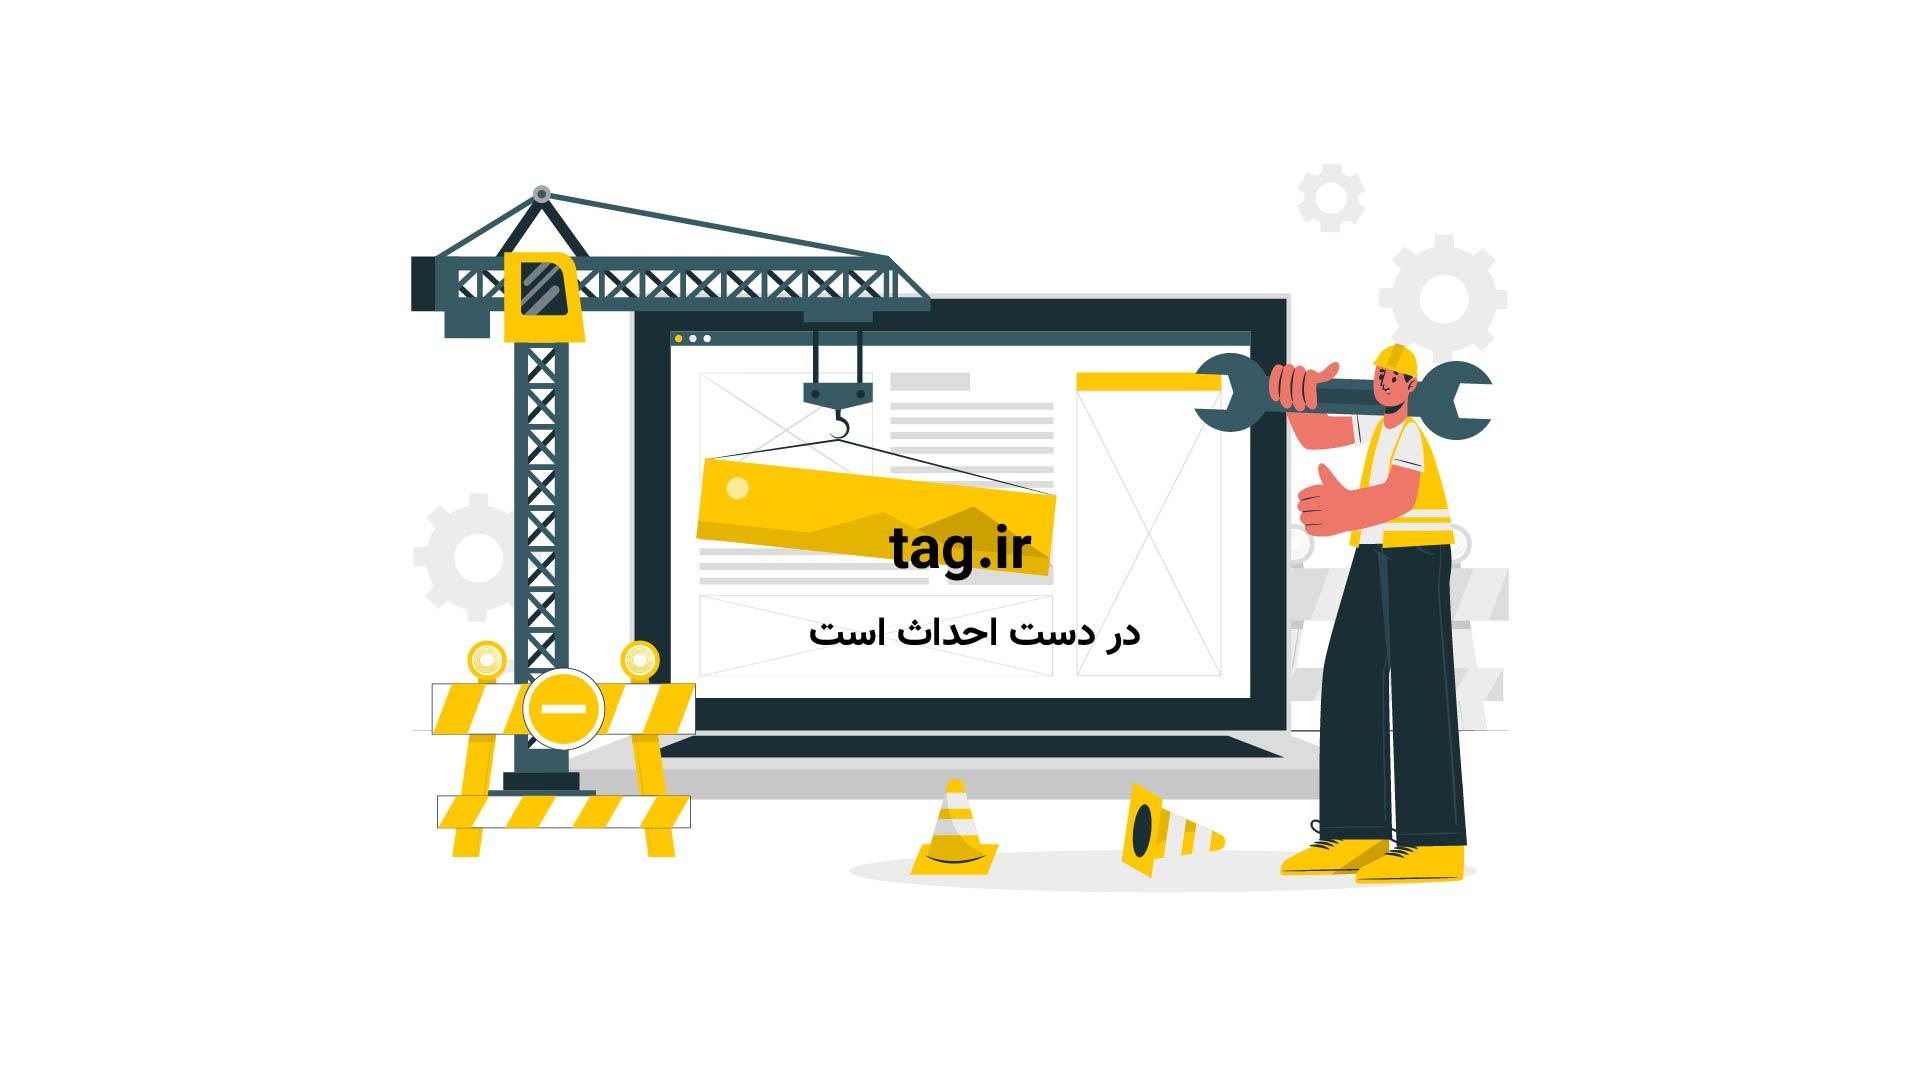 هاشمی رفسنجانی و علی مطهری   تگ